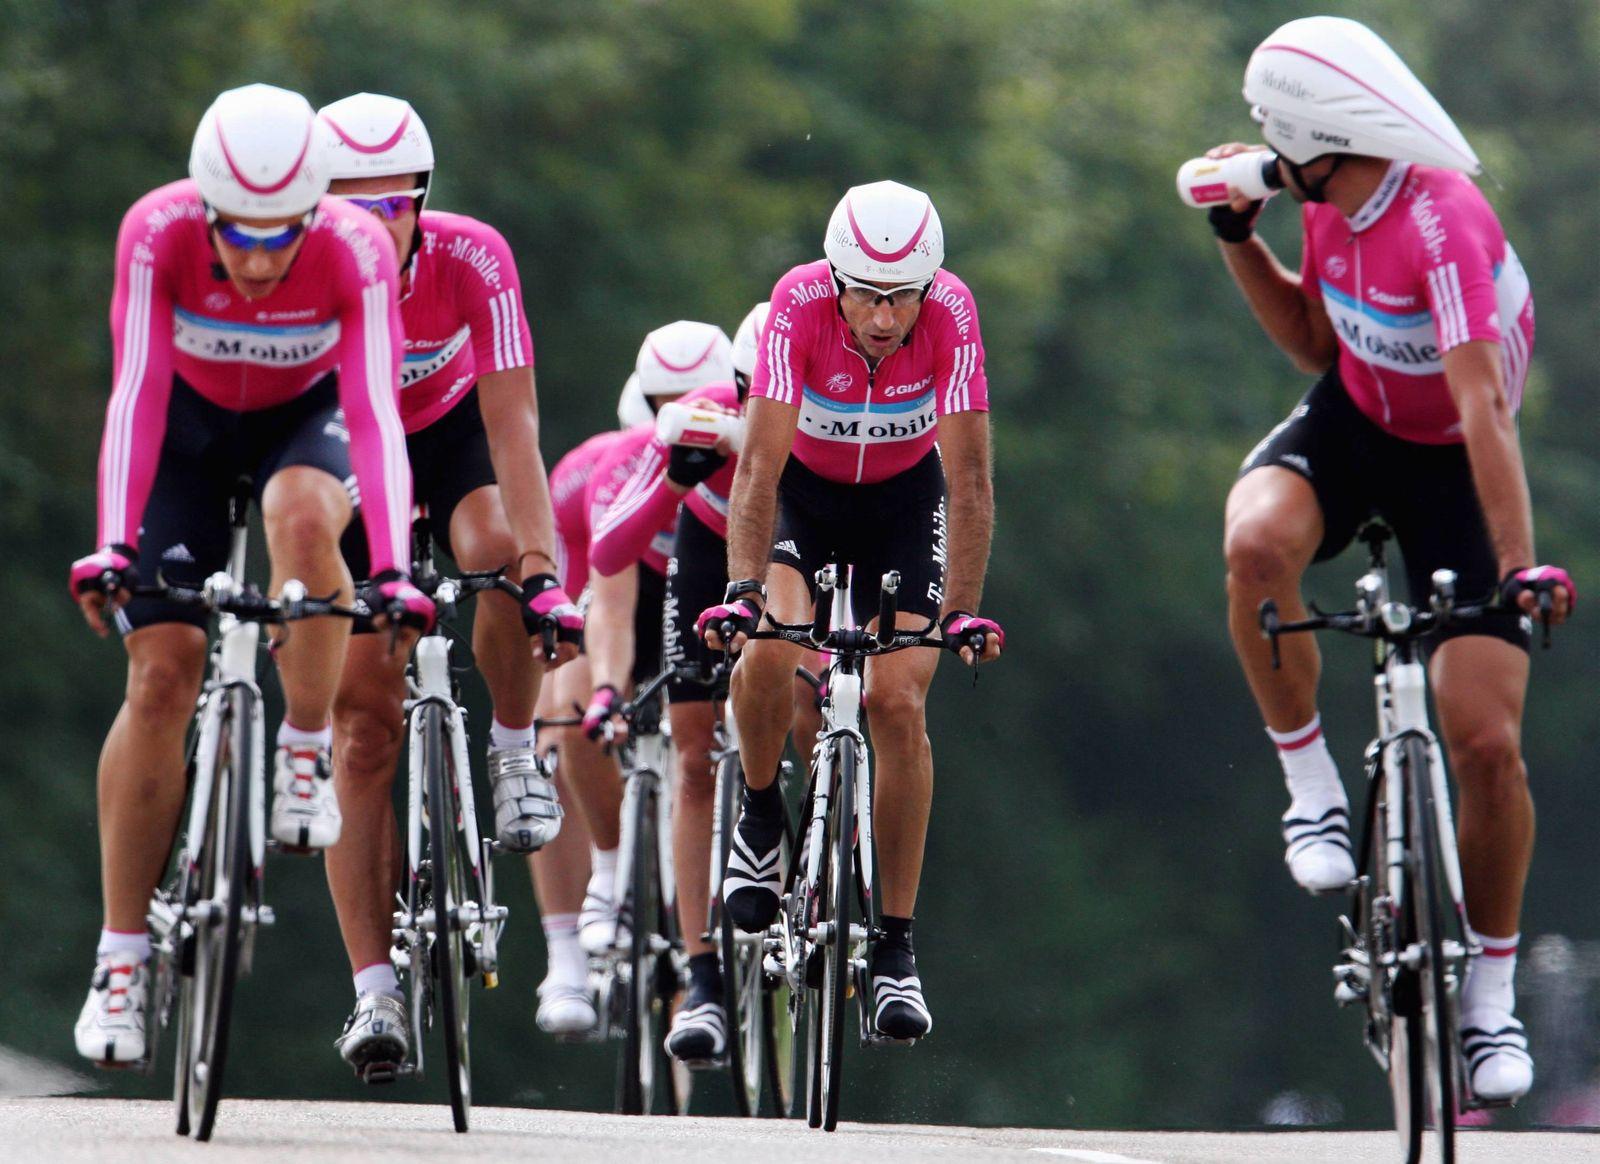 NICHT VERWENDEN Telekom steigt aus Radsport aus